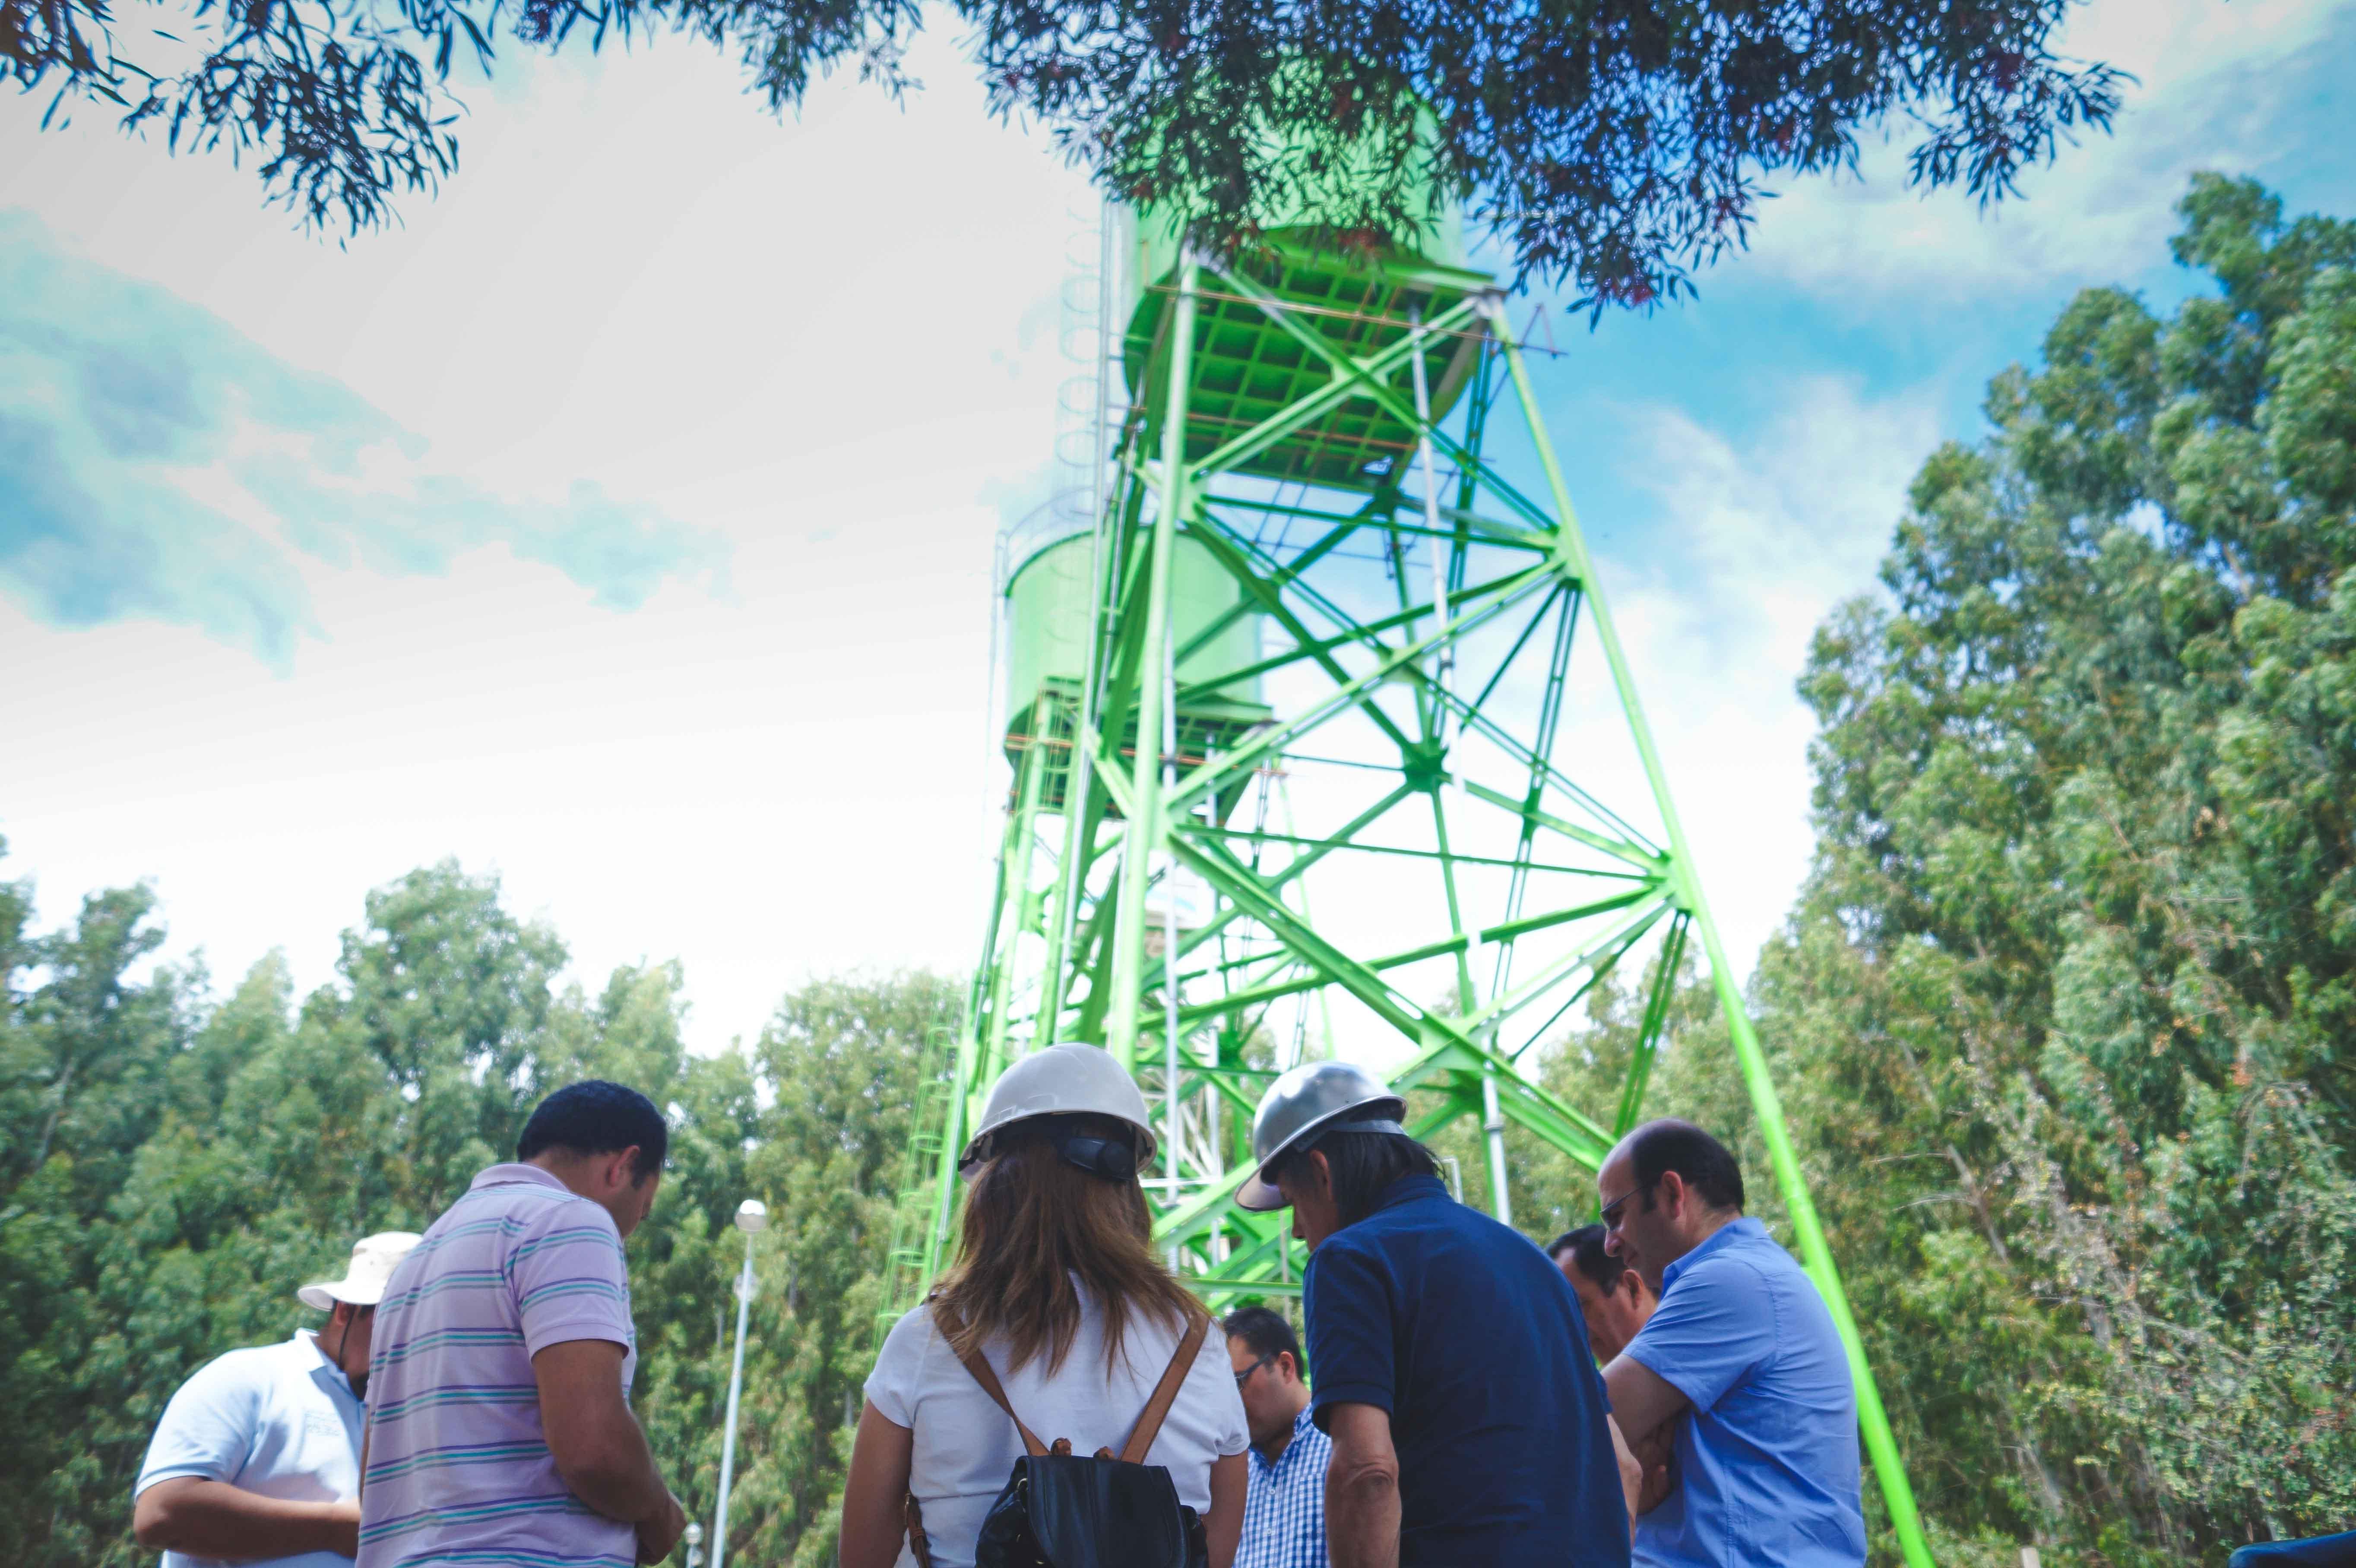 La construcción urgente de nuevos pozos, una gestión prioritaria para la comuna de Quilleco.